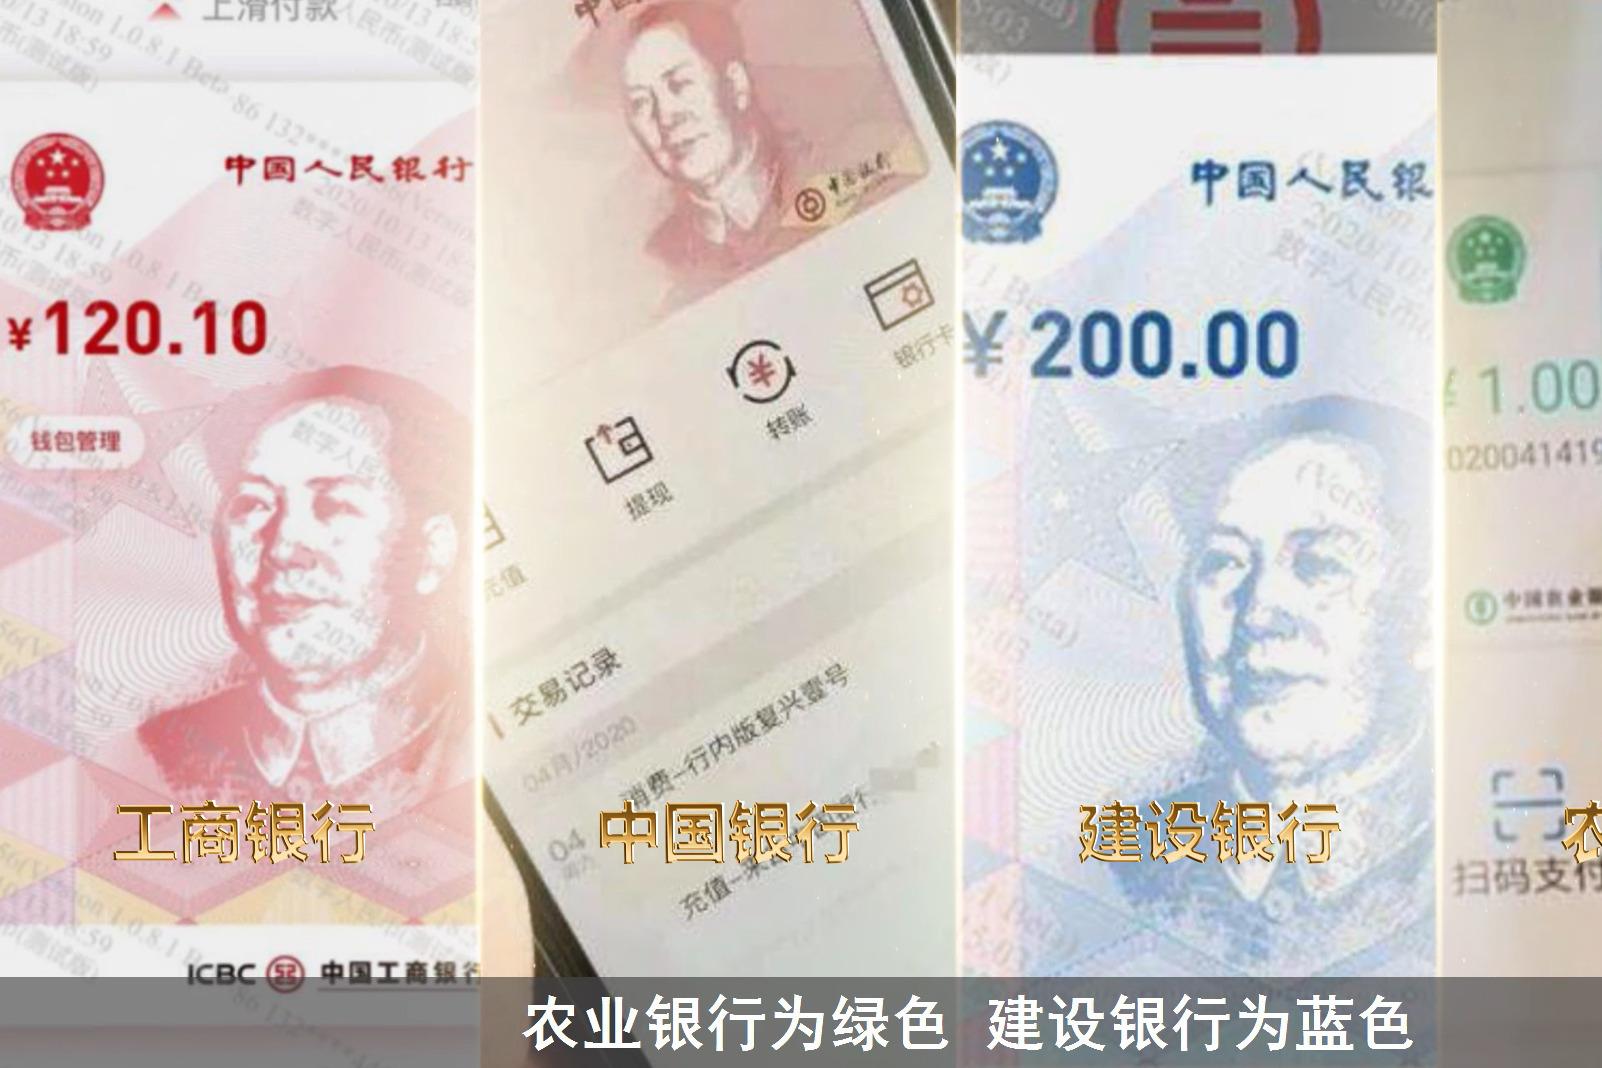 共200万人参与,5万人中签抢到,数字人民币正式开始应用了!